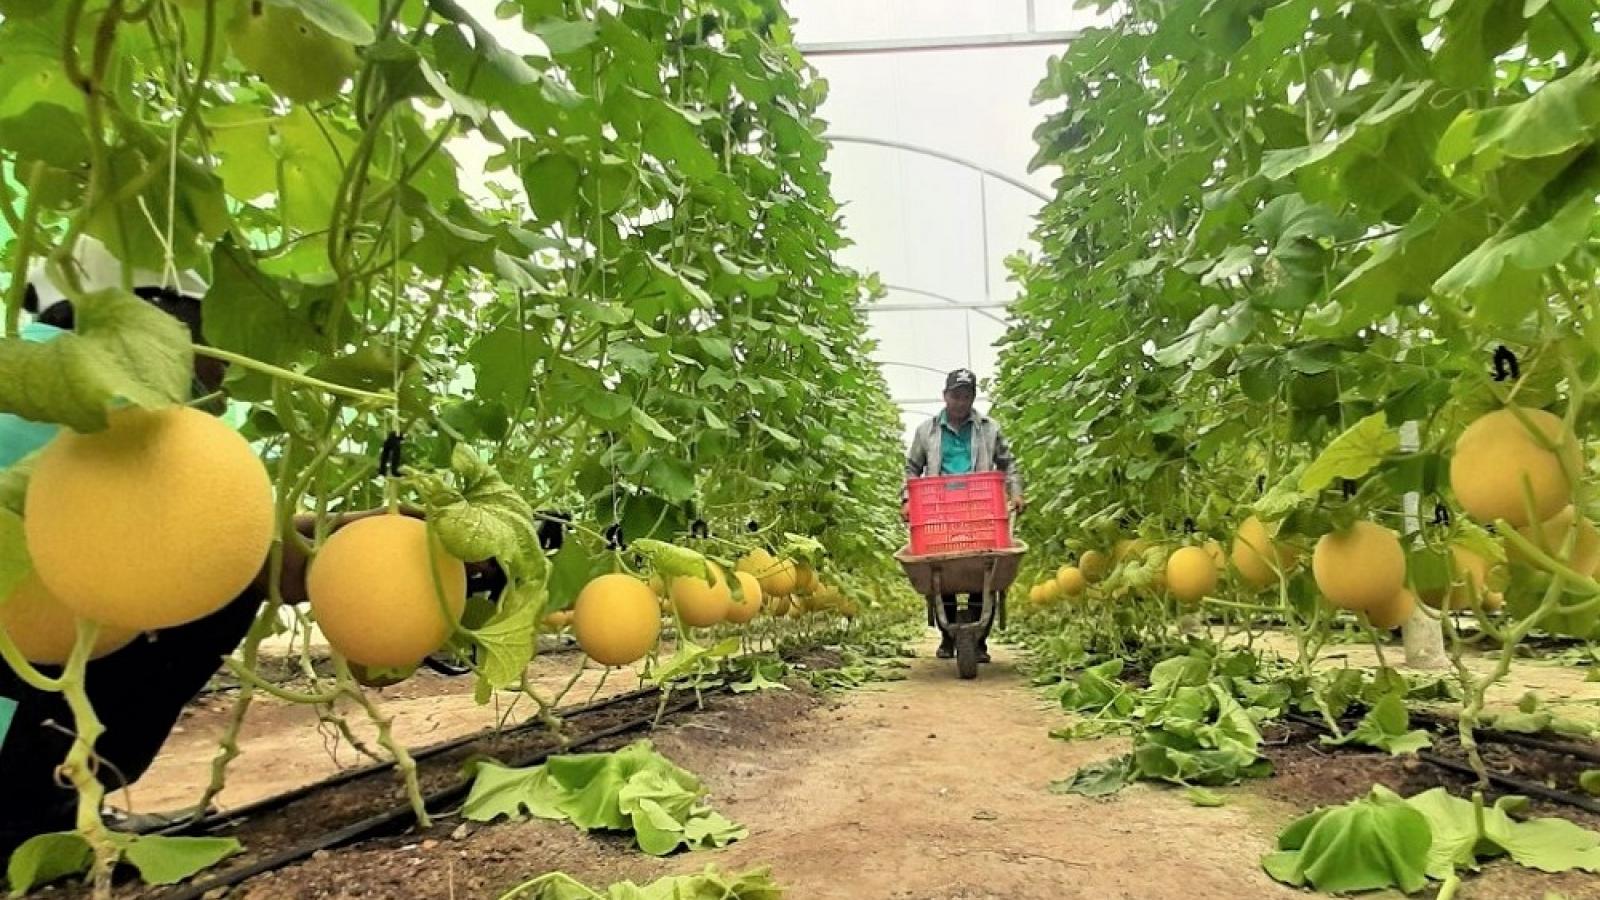 Người dân trồng dưa lưới lo đầu ra do ảnh hưởng dịch Covid-19